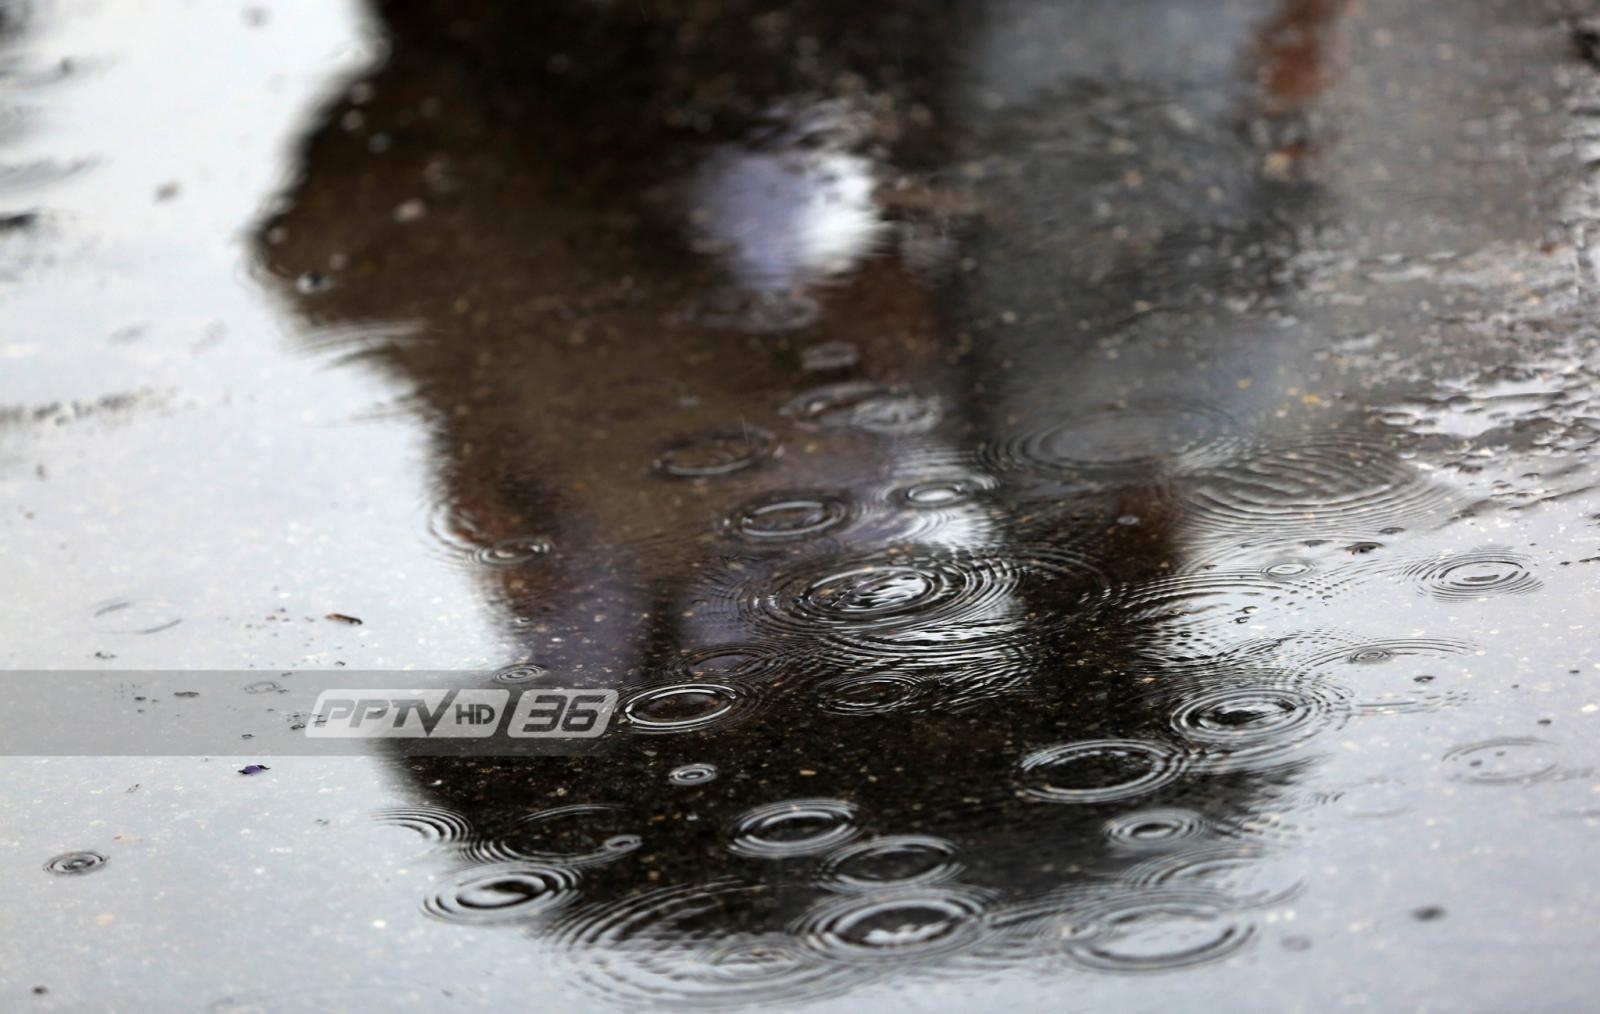 อุตุฯเผย 12-15 พ.ค.มีฝนเพิ่มขึ้น ไทยตอนบนอากาศร้อน